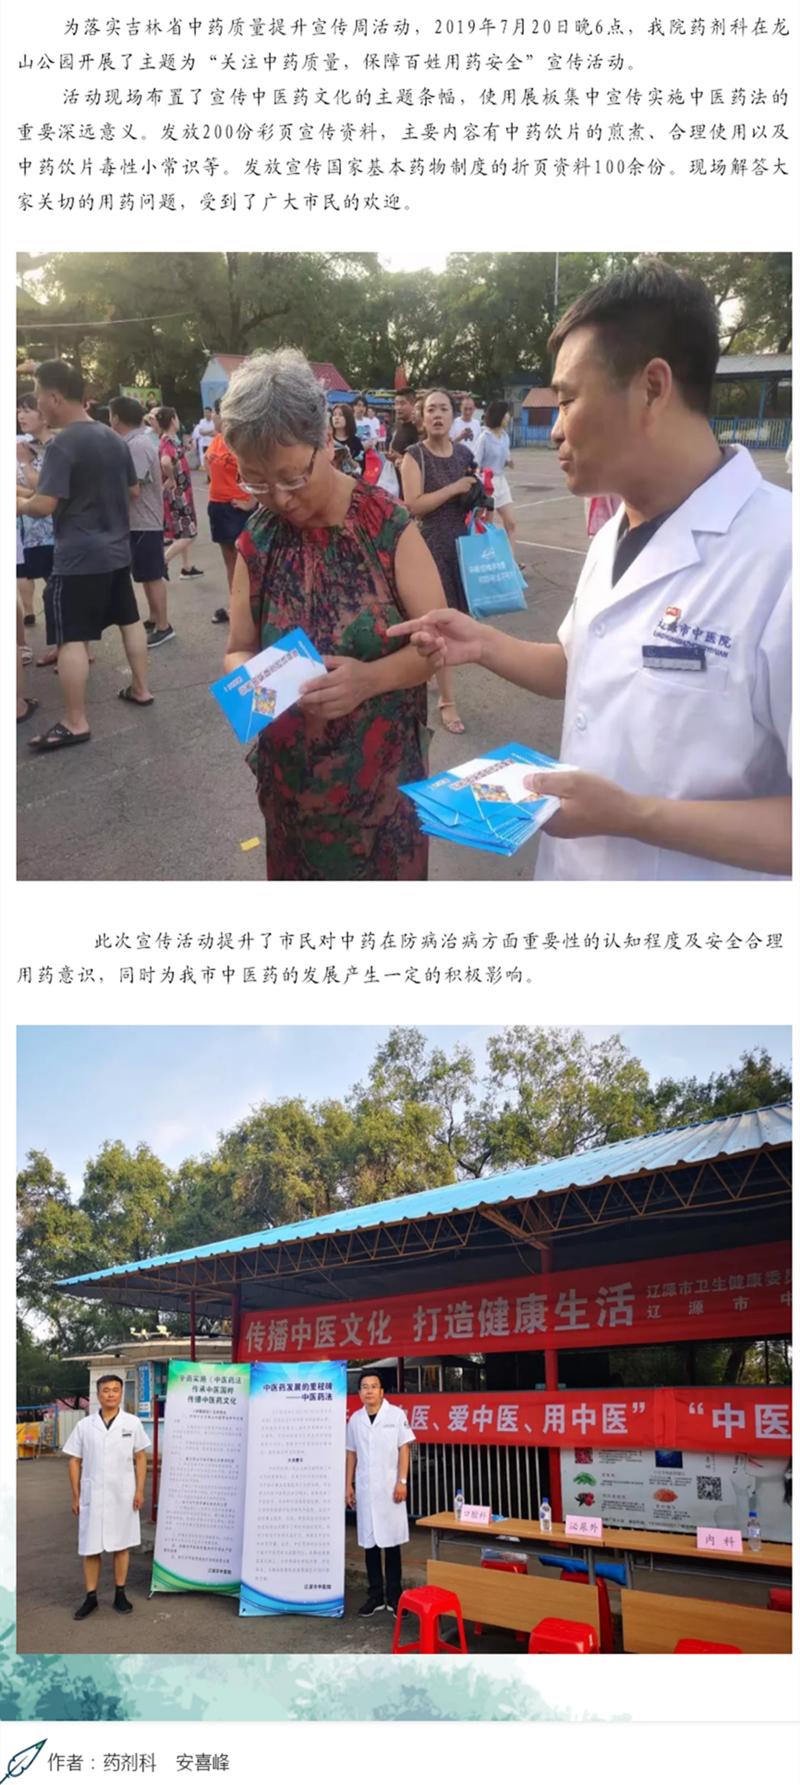 【中医药健康讲堂】——关注中药质量,保障百姓用药安全.png